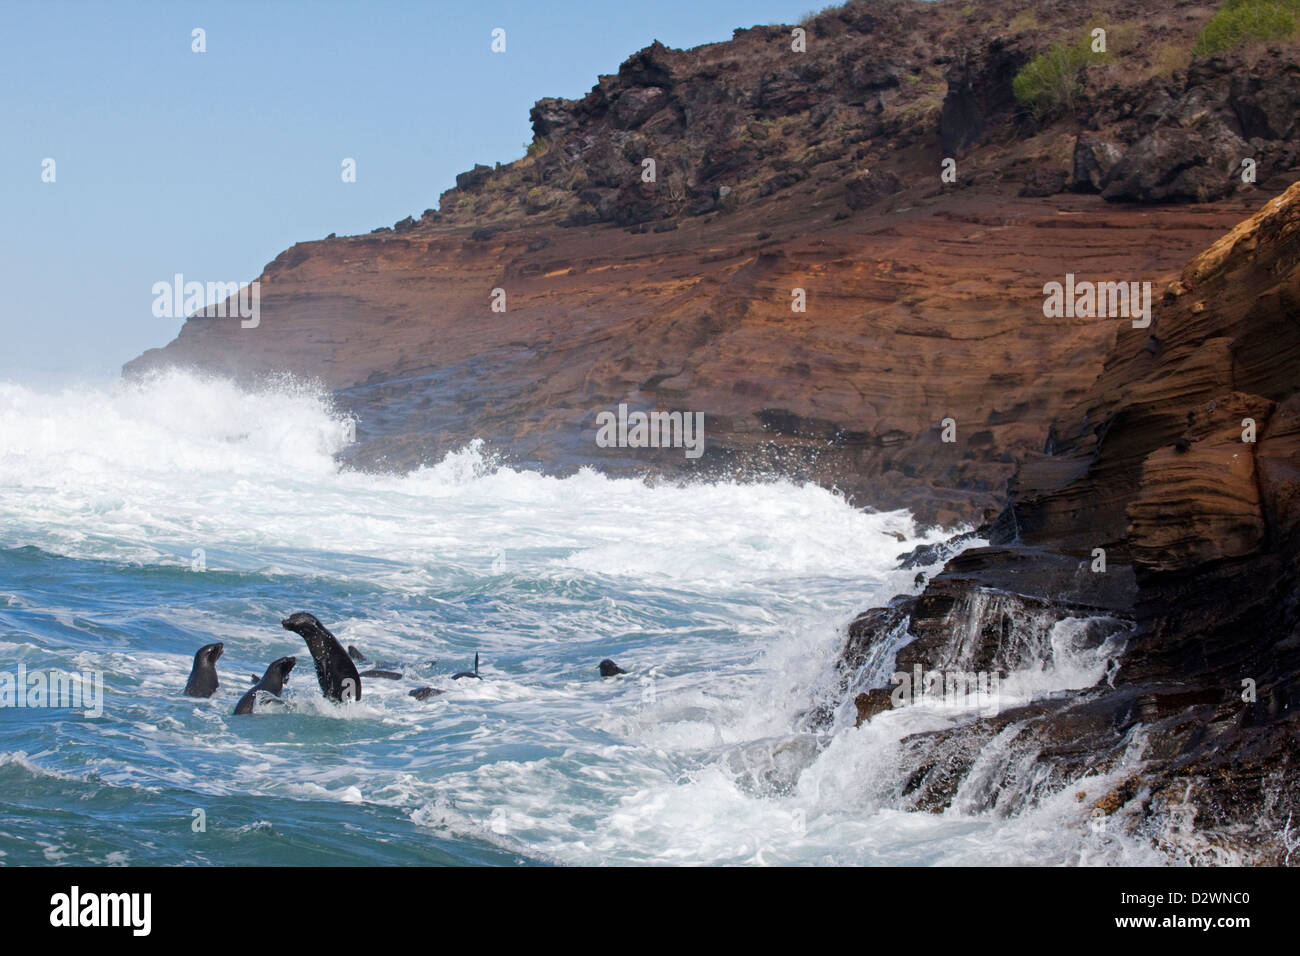 Galapagos Sea Lions (Zalophus wollebaeki) surfing along the coast of Isabela island - Stock Image